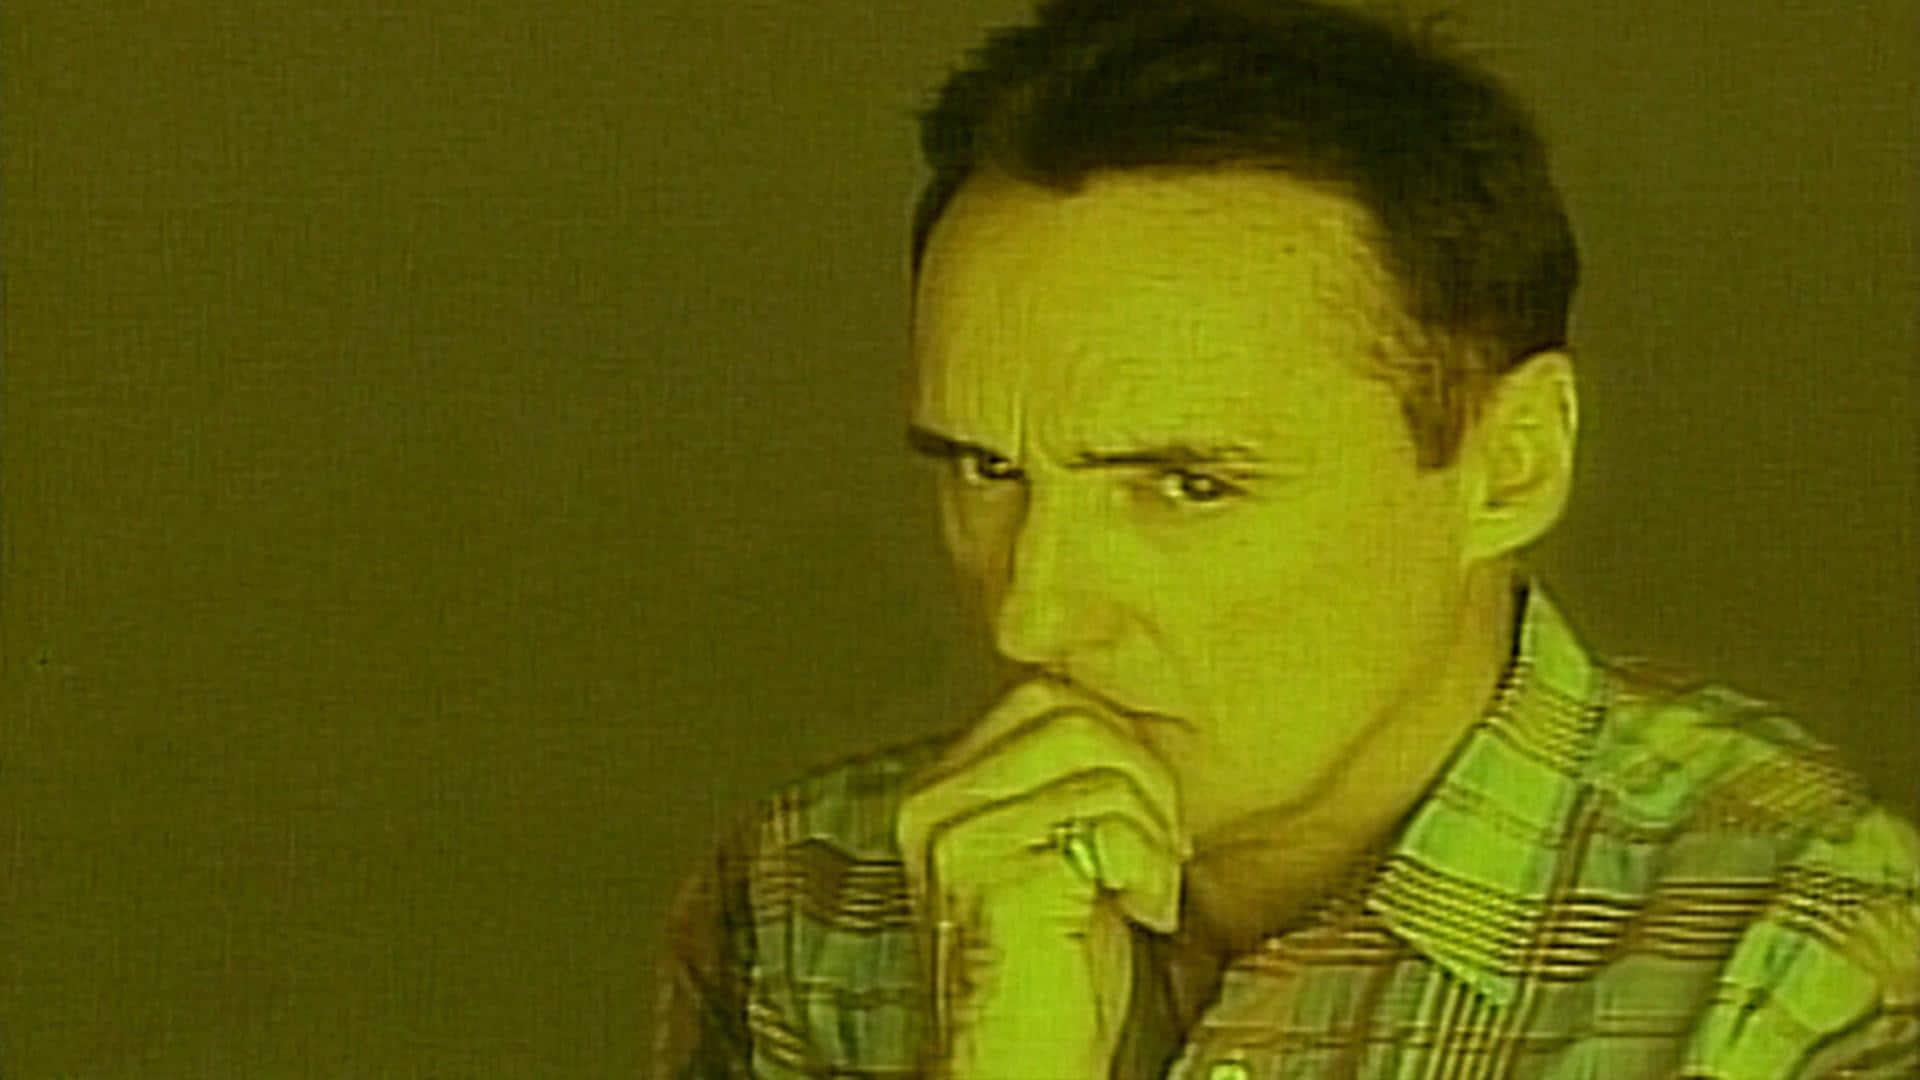 Dennis Hopper: November 17, 1990